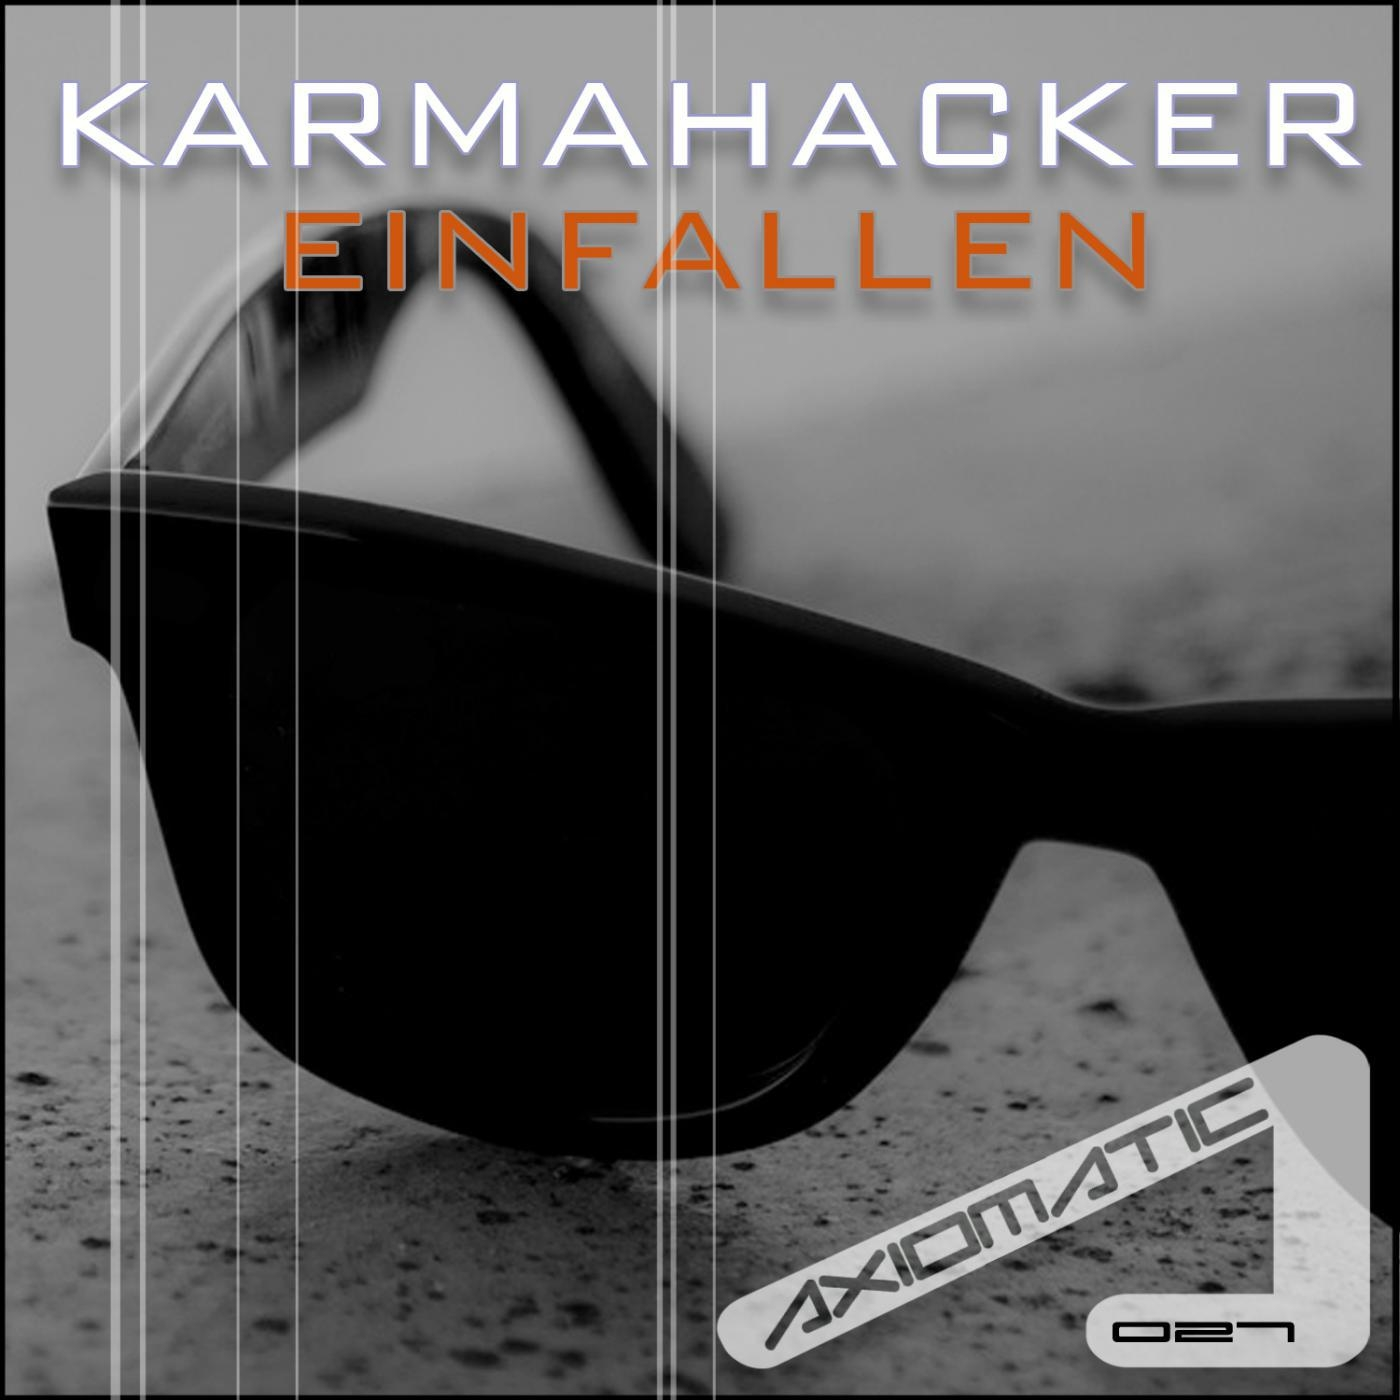 Karmahacker - High Technology (Original mix)